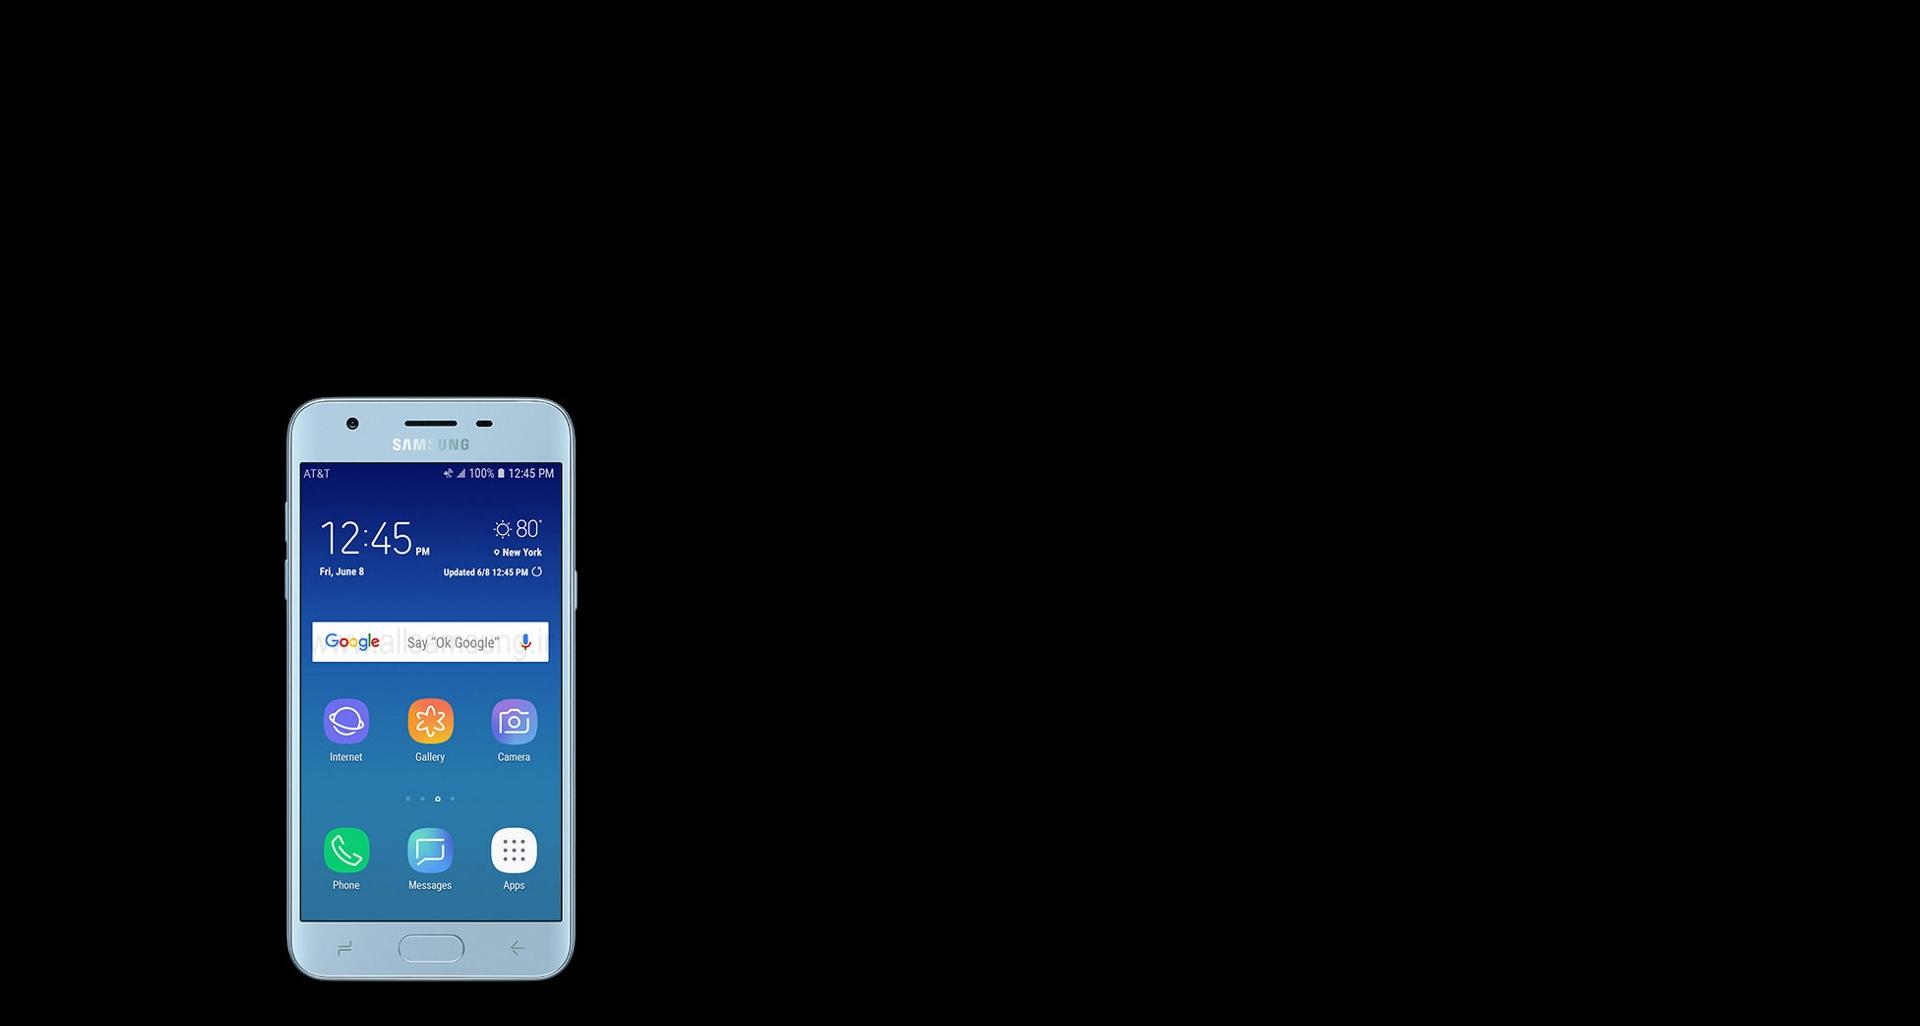 دسترسی آسان و سریع با گوشی گلکسی جی 3